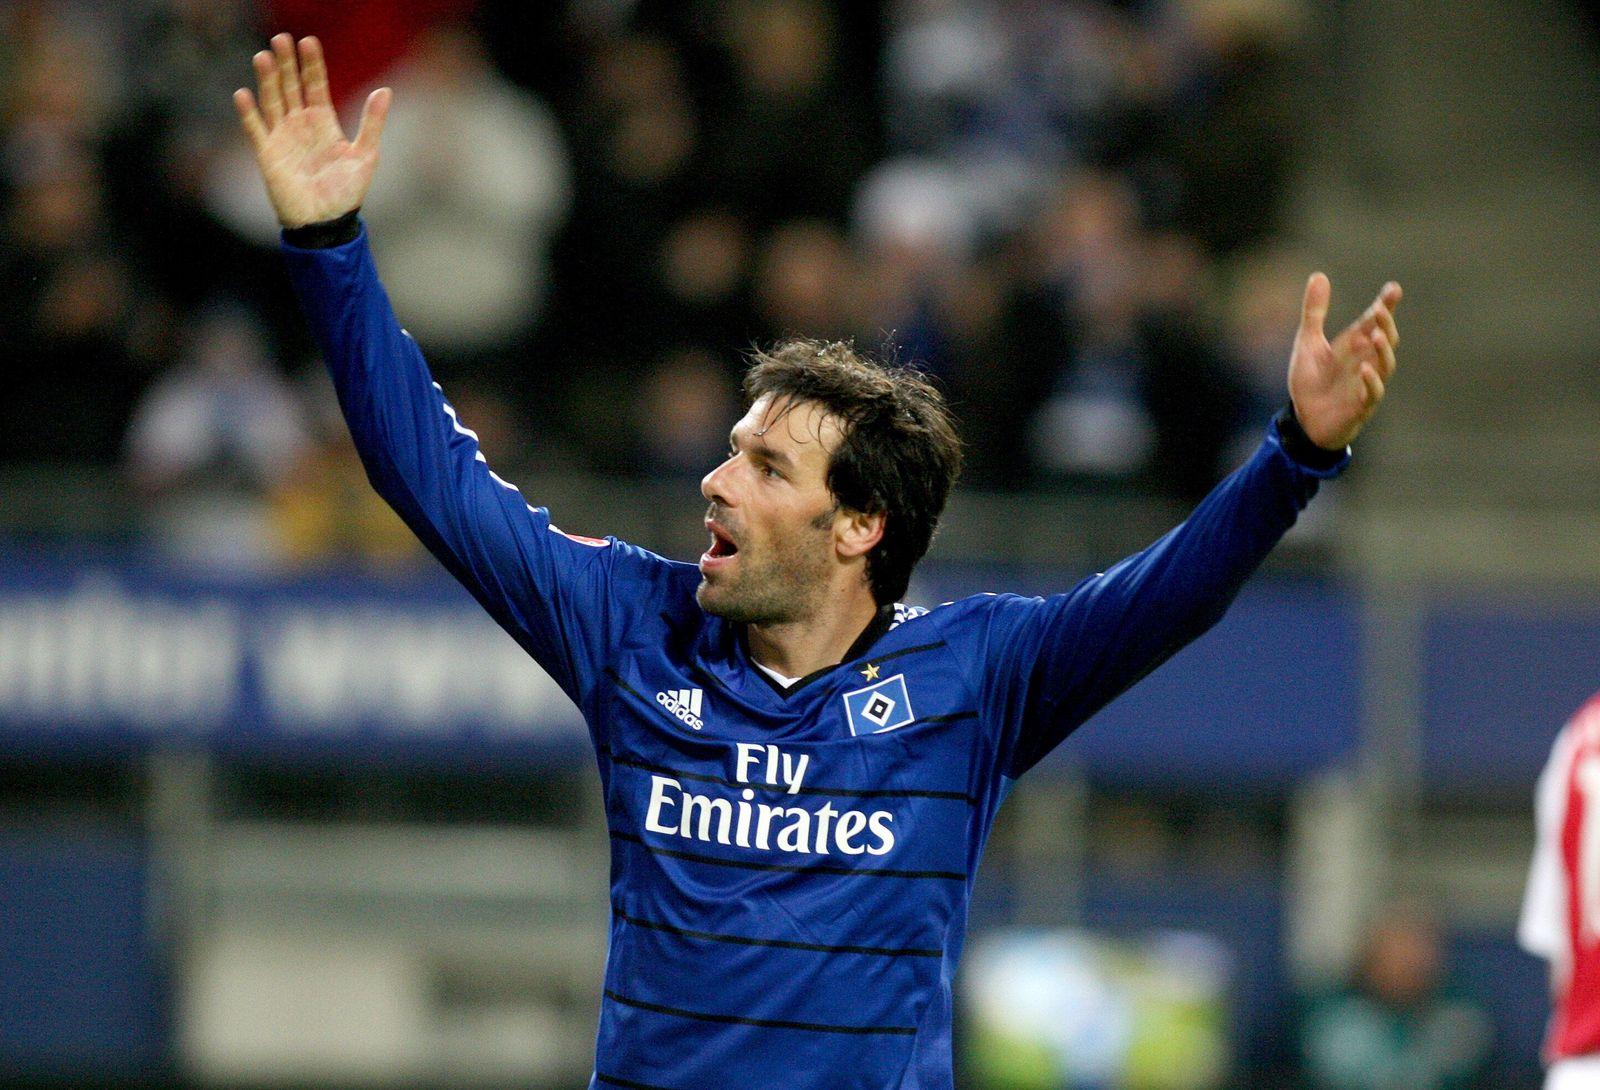 Van Nistelrooy Arme hoch